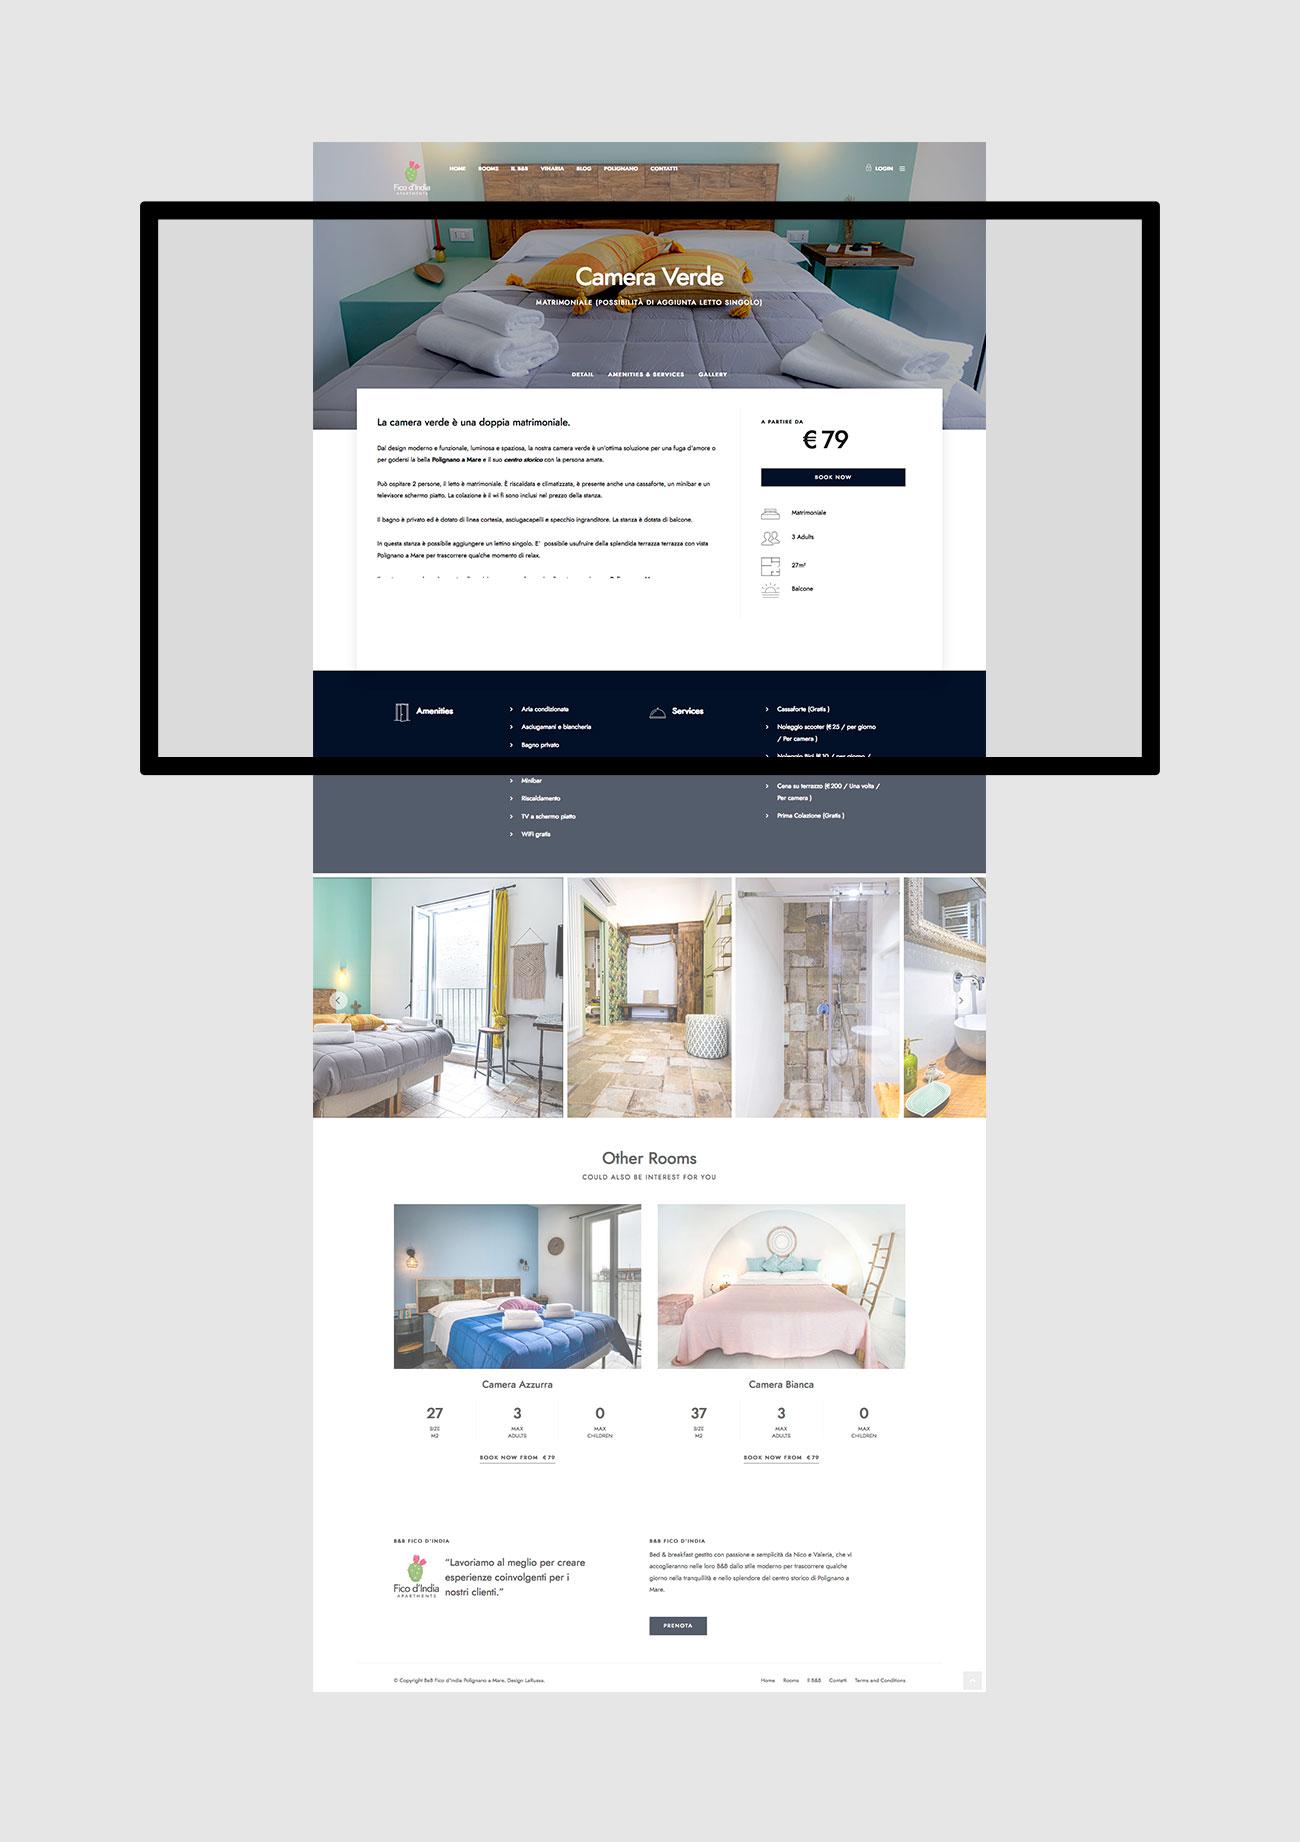 realizzazione e progettazione siti web con gestionale per prenotazione alberghi polignao a mare napoli costiera amalfitana costiera sorrentina salerno